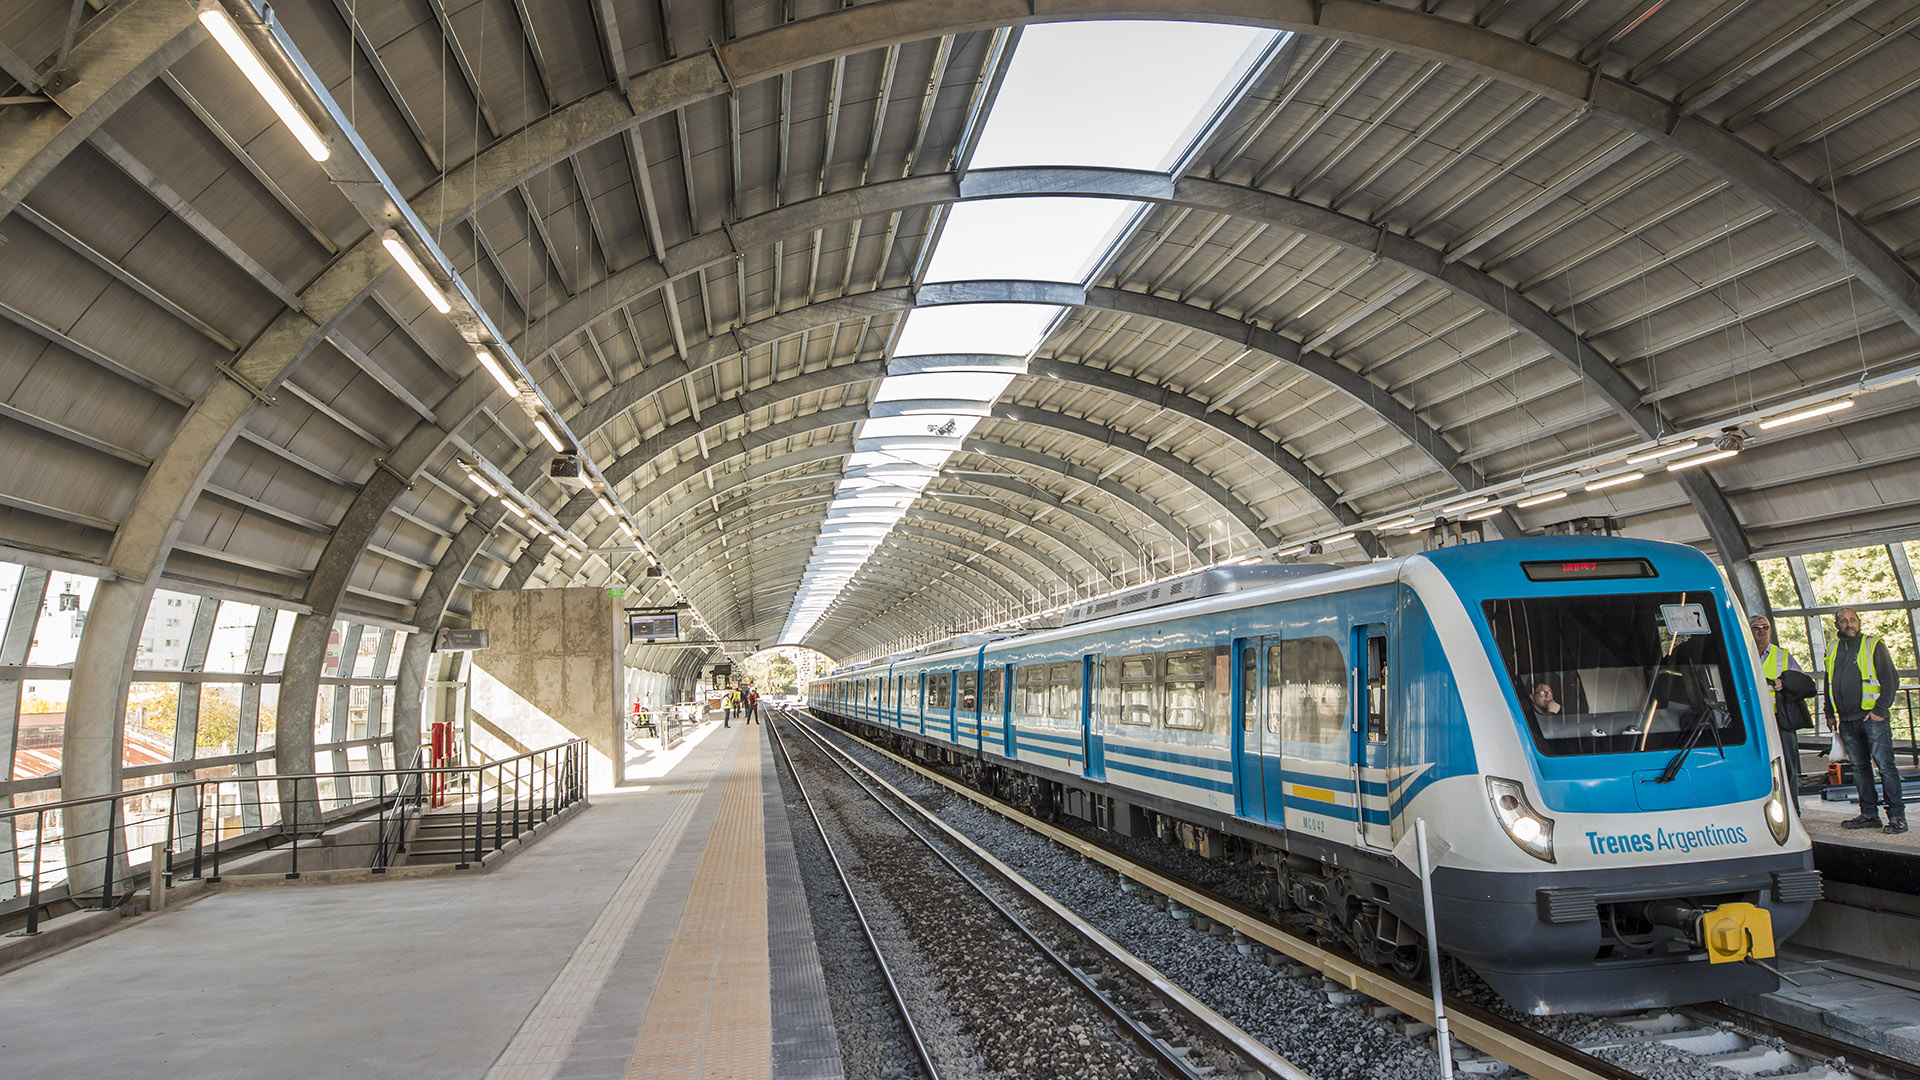 El viaducto del Ferrocarril Mitre beneficiará diariamente a más de 200.000 personas entre usuarios del servicio y vecinos